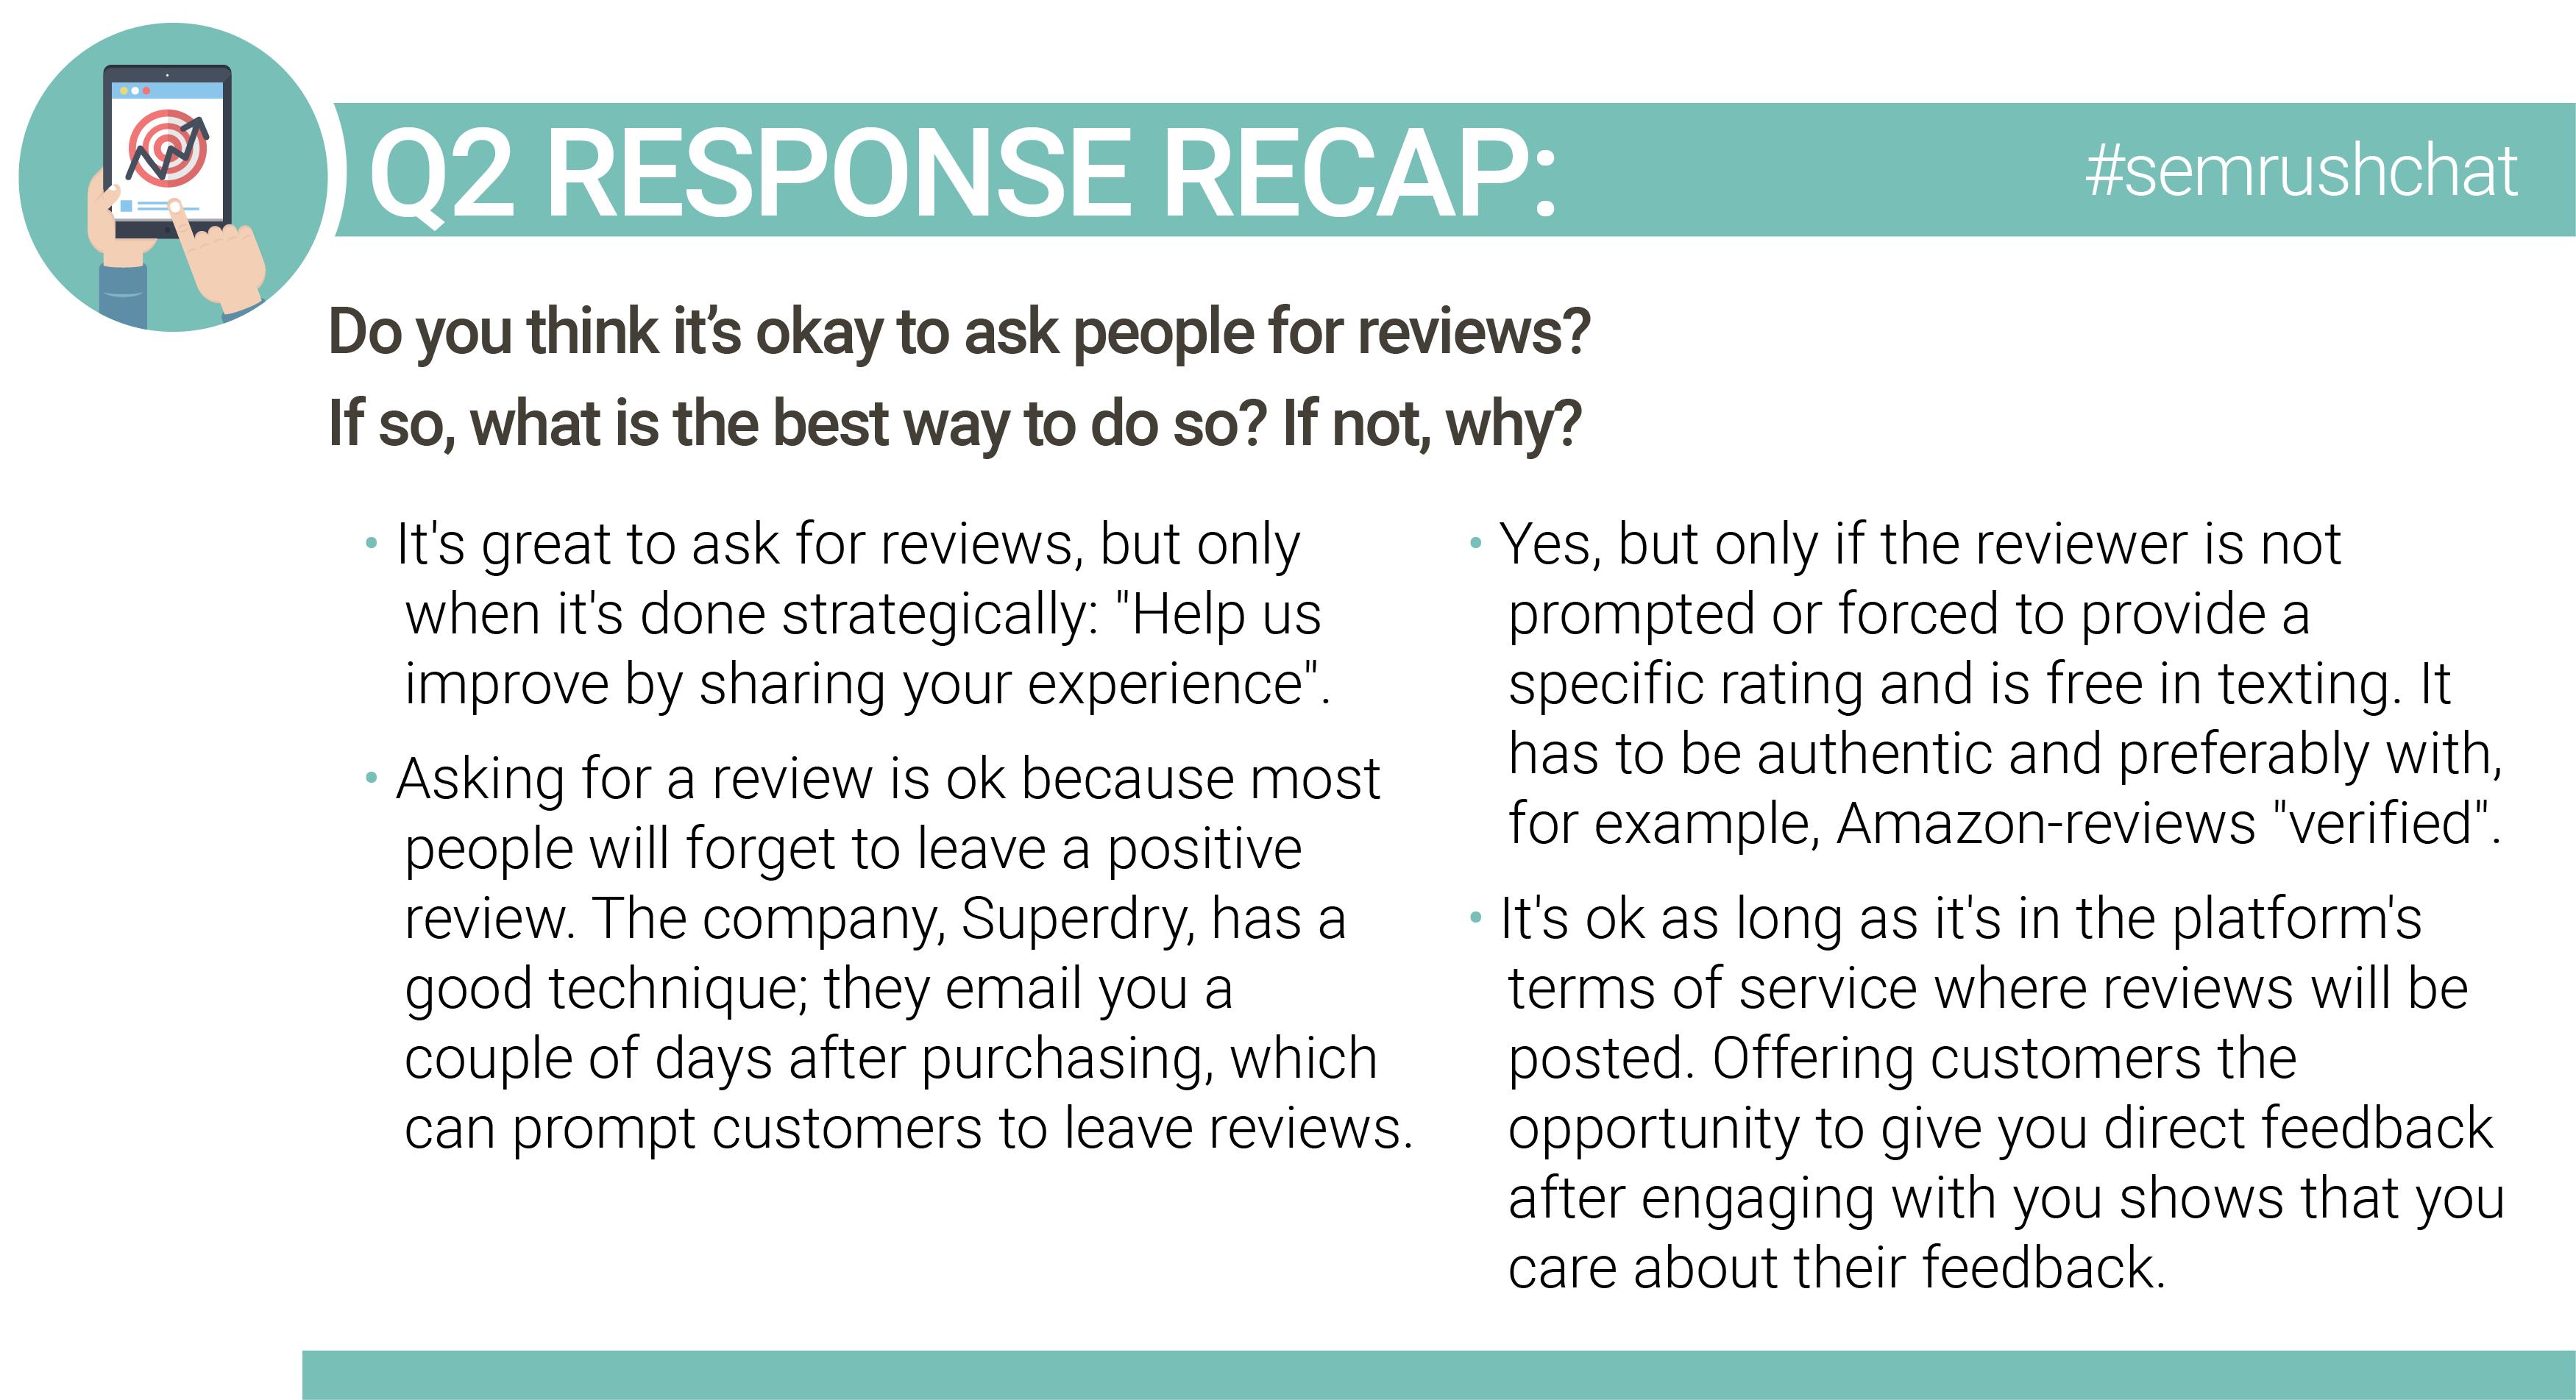 chat-recap-q2-response.png